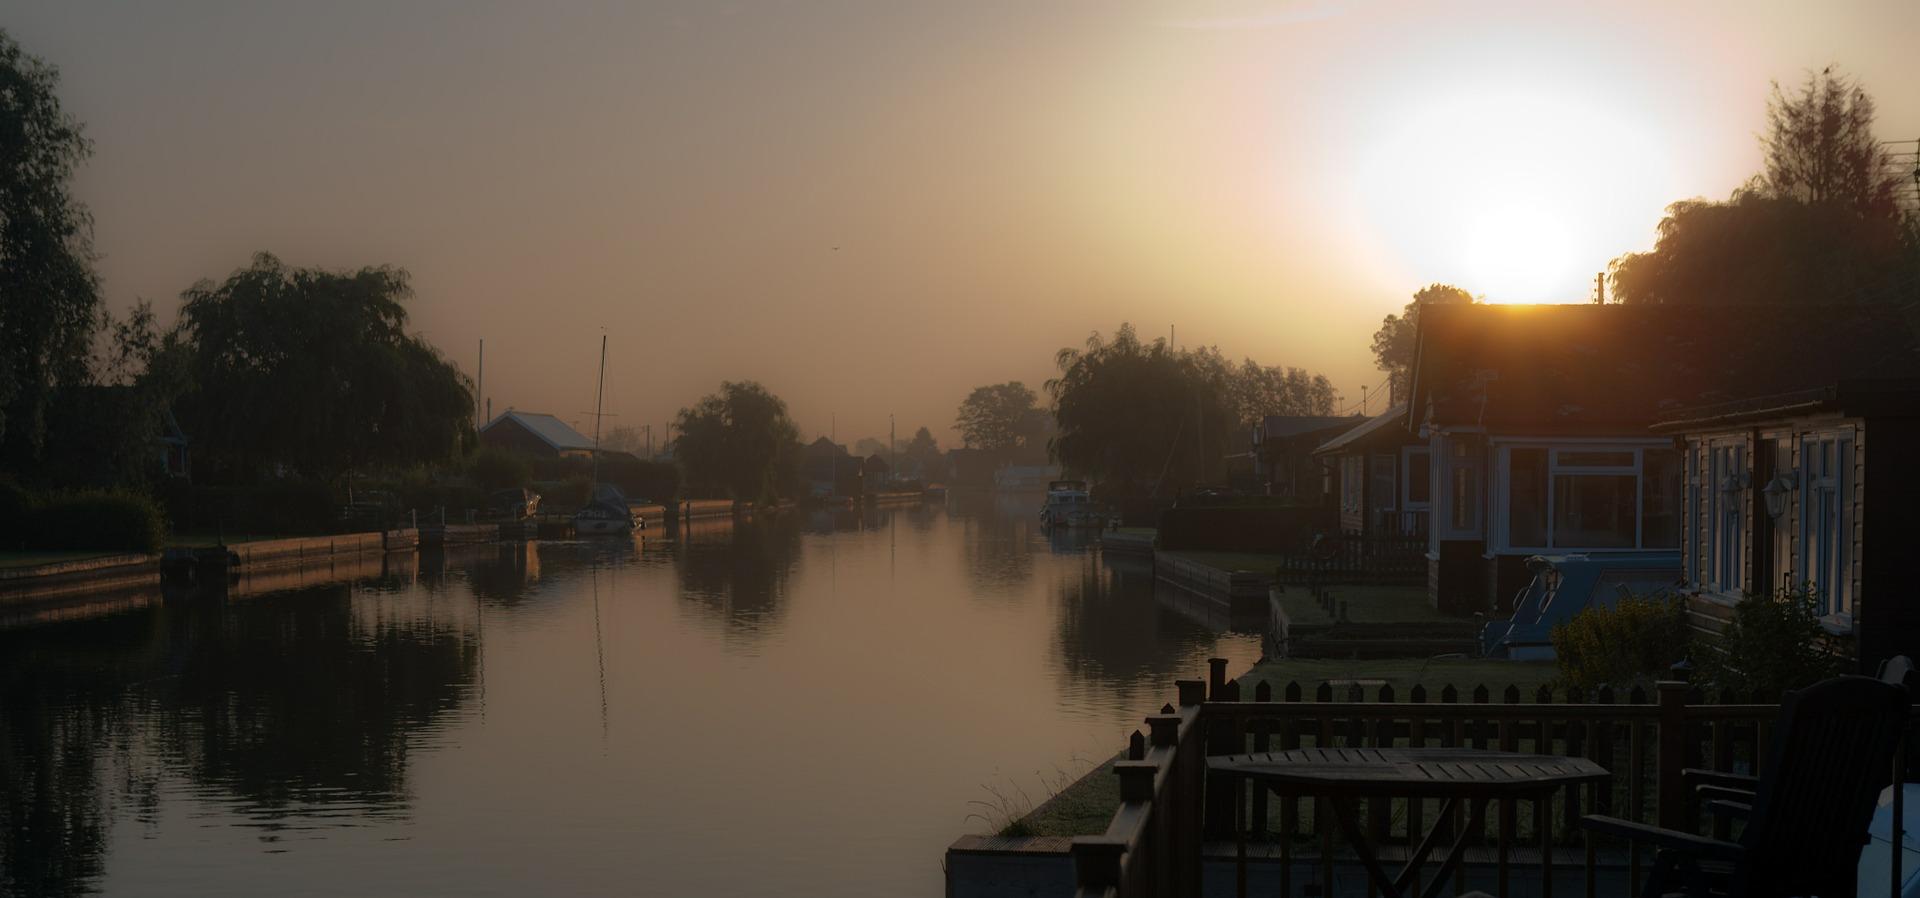 Atmospheric Norfolk Broads © RonPorter | pixabay.com